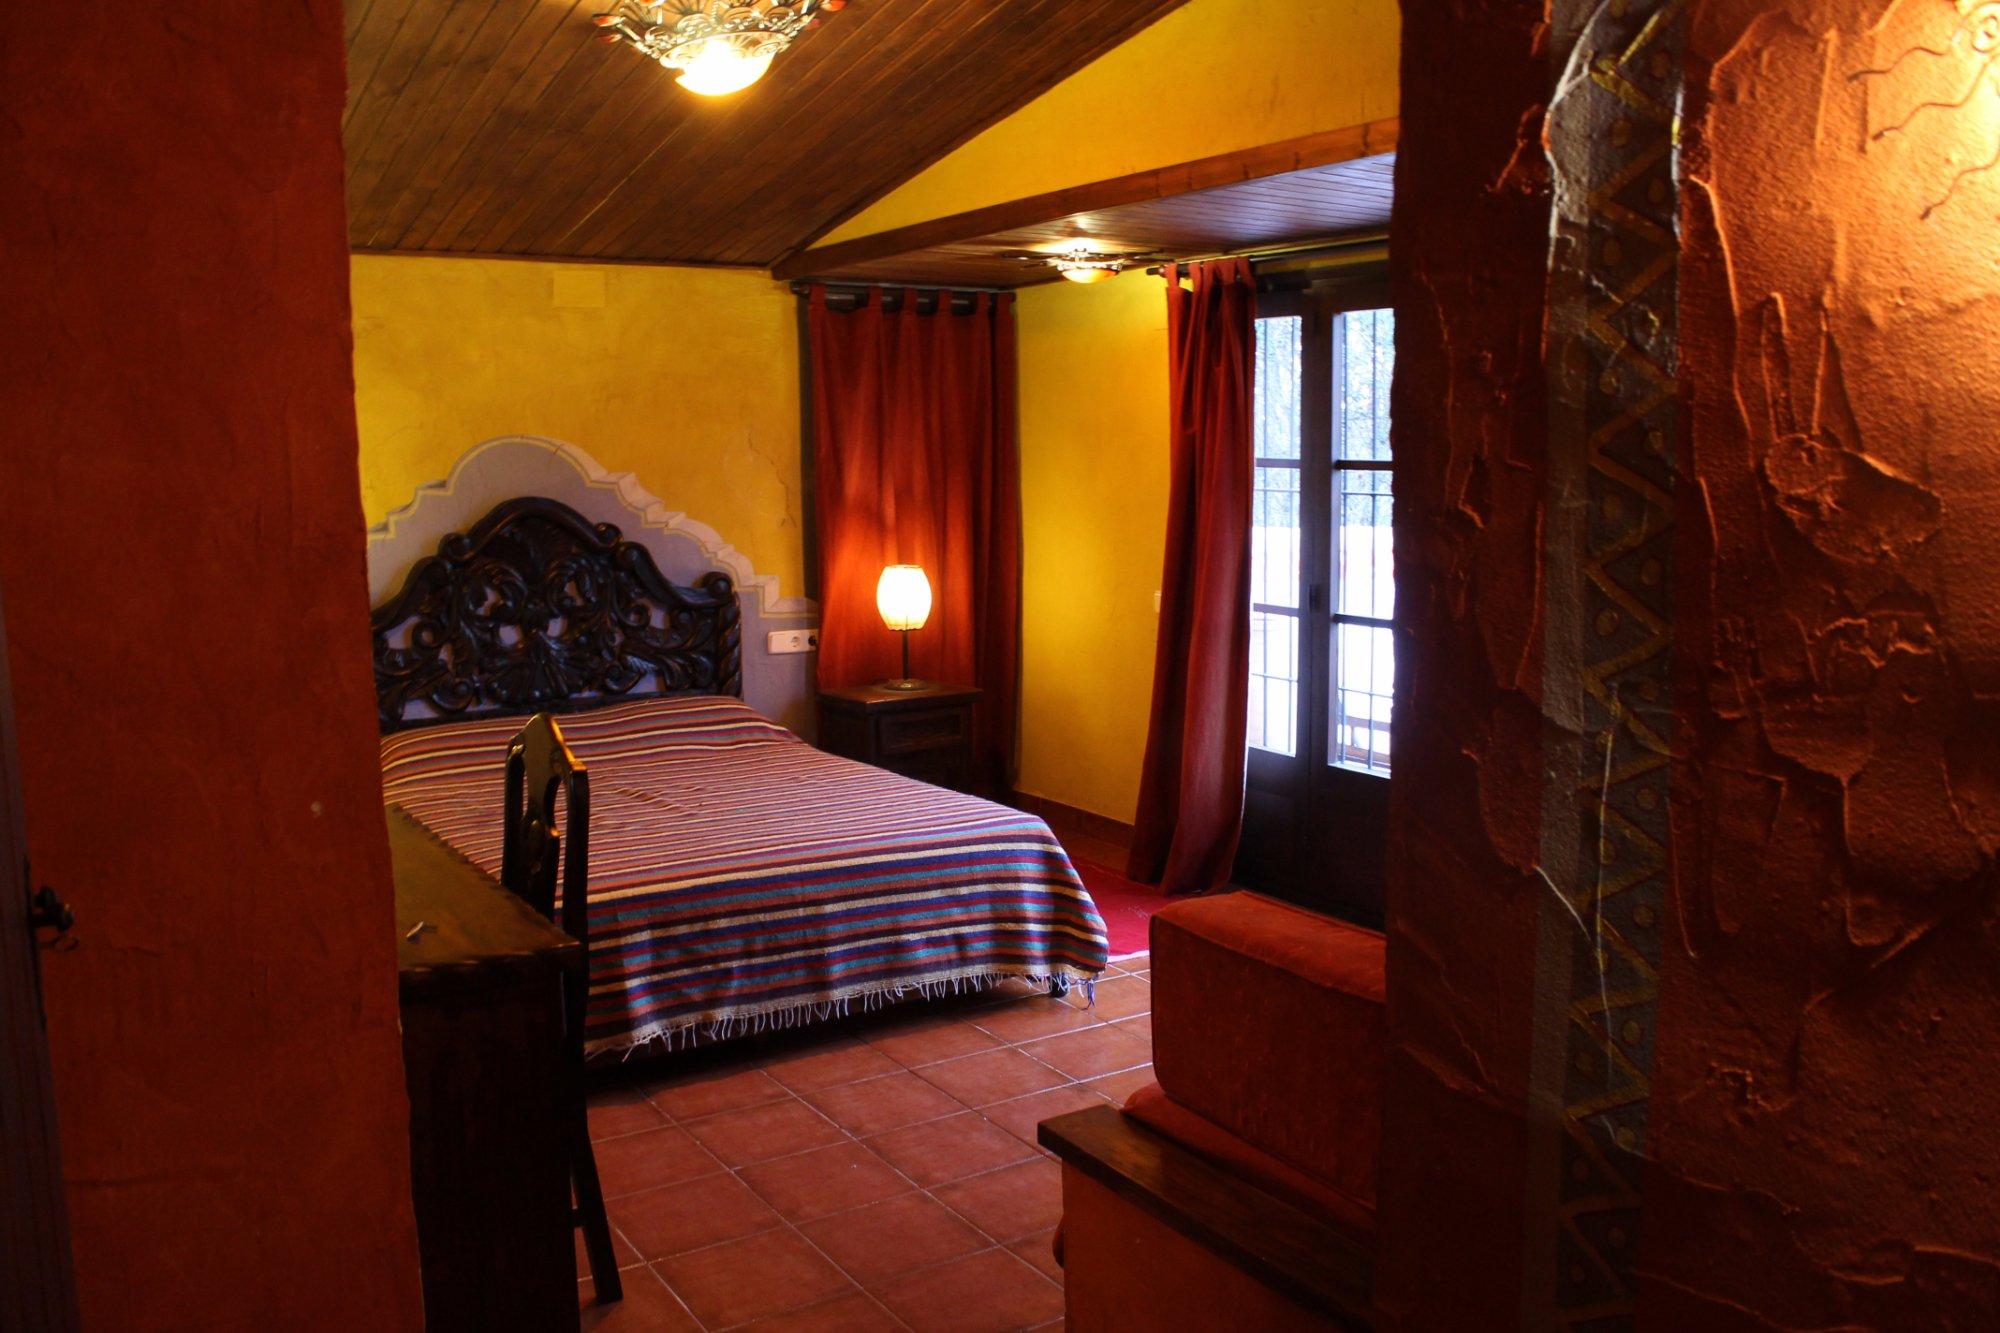 Hotel Peralta